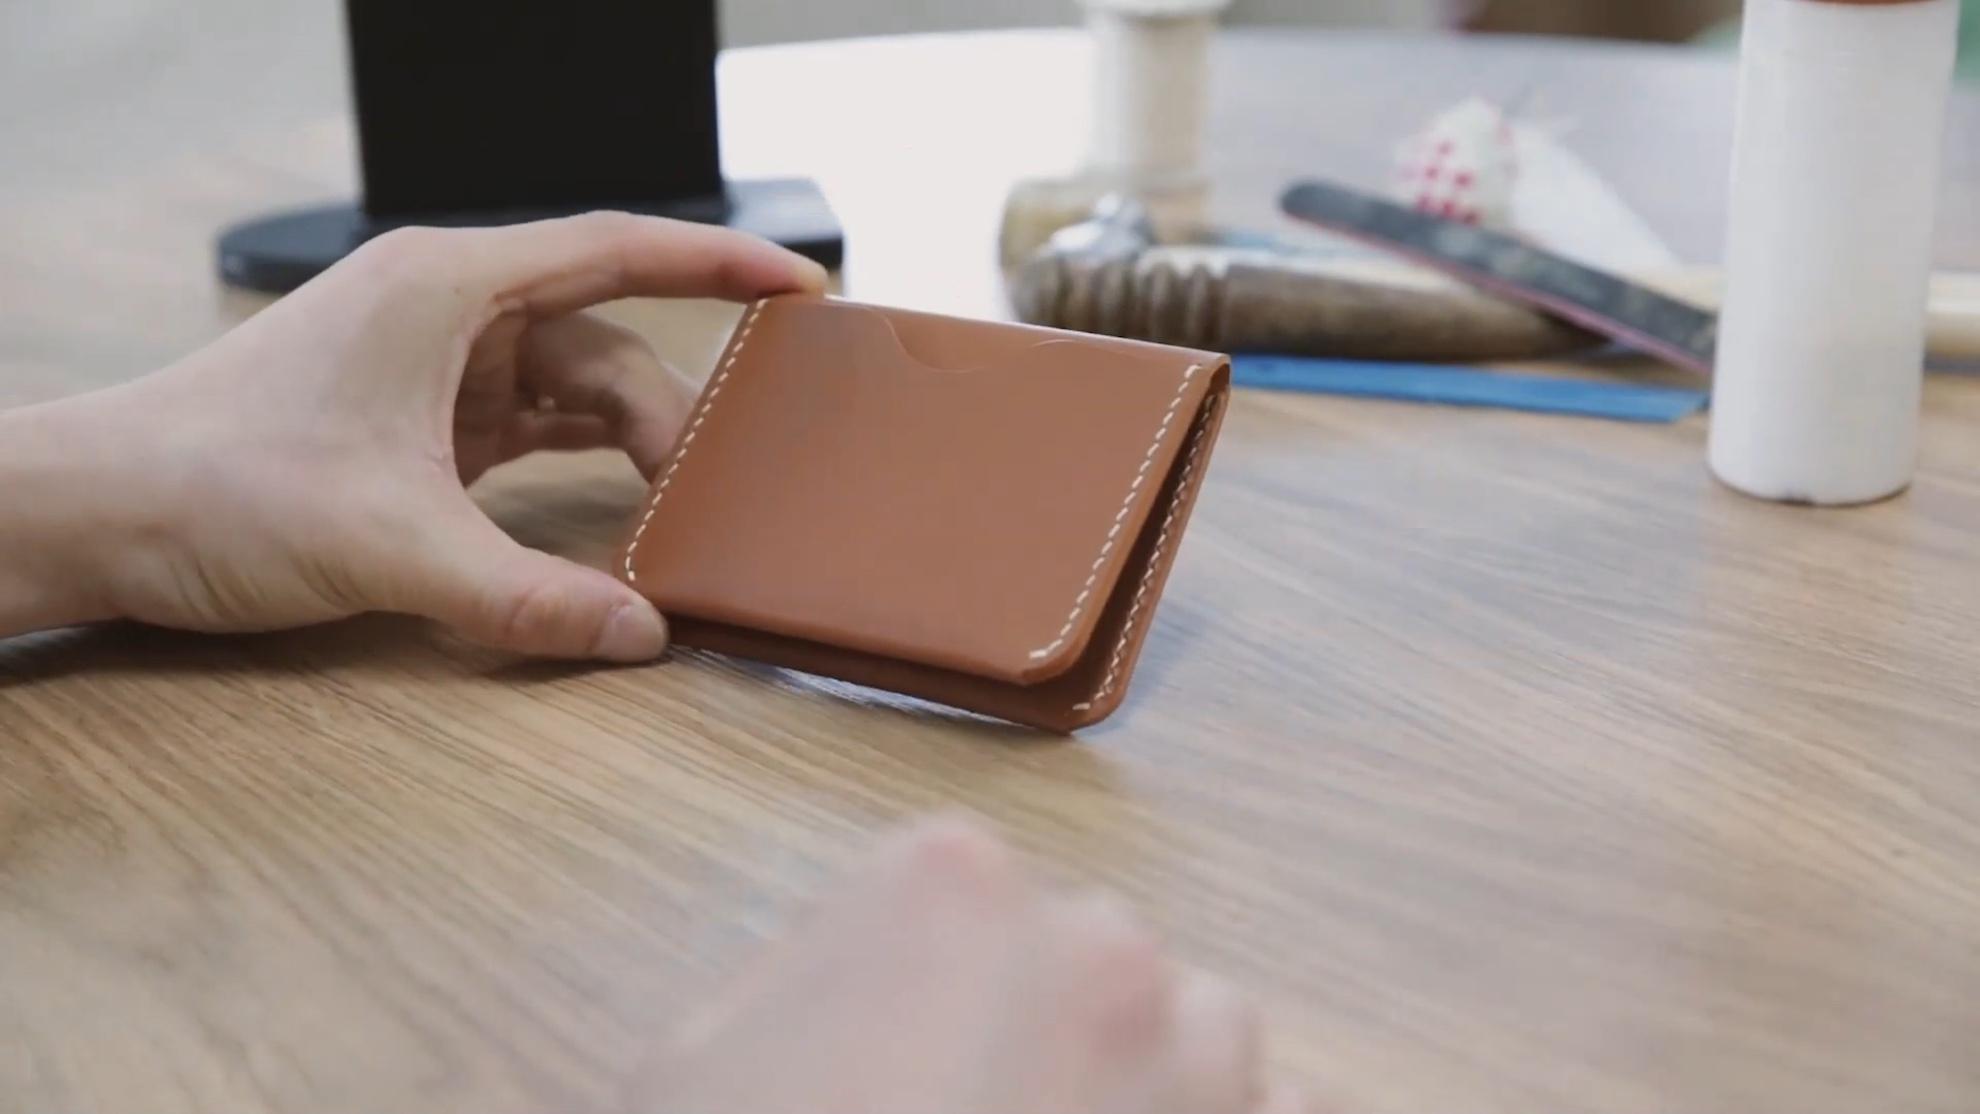 DIY手工制作对折卡包制作过程视频